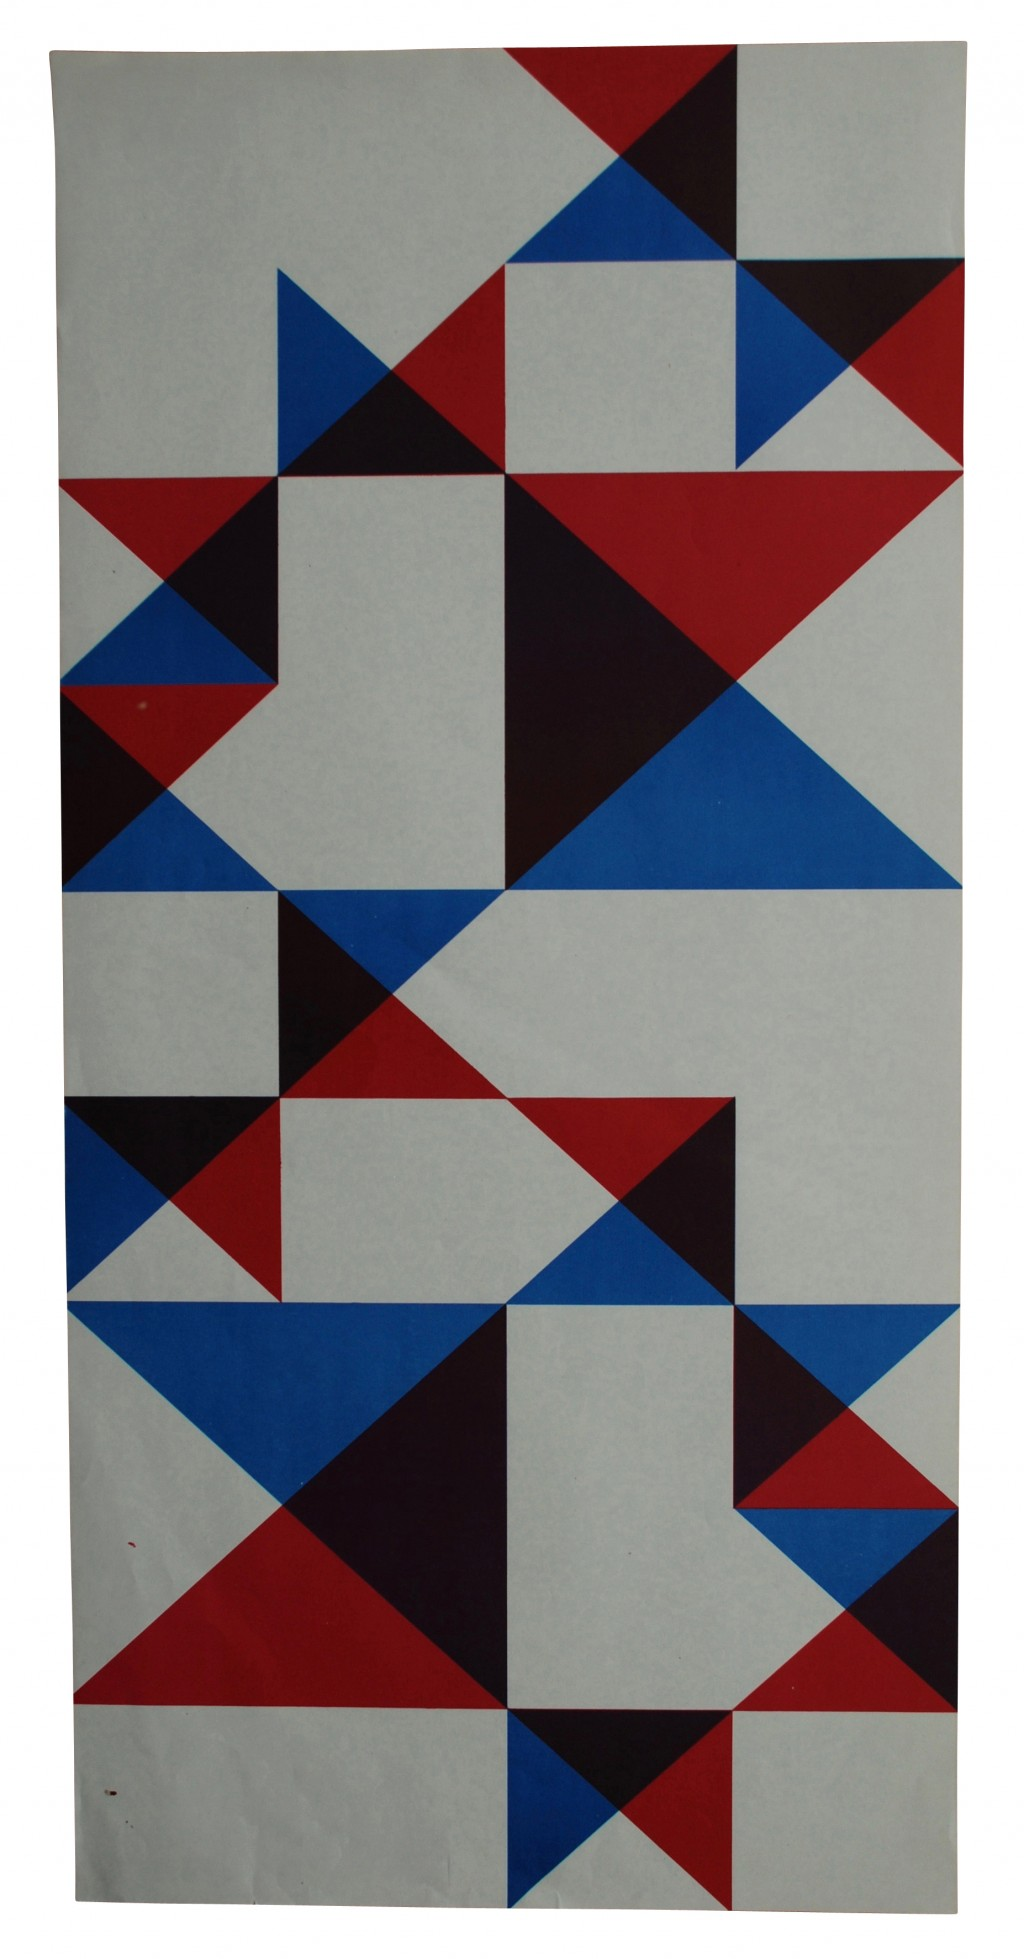 Künstlerplakat, Otl Aicher 1950er Jahre